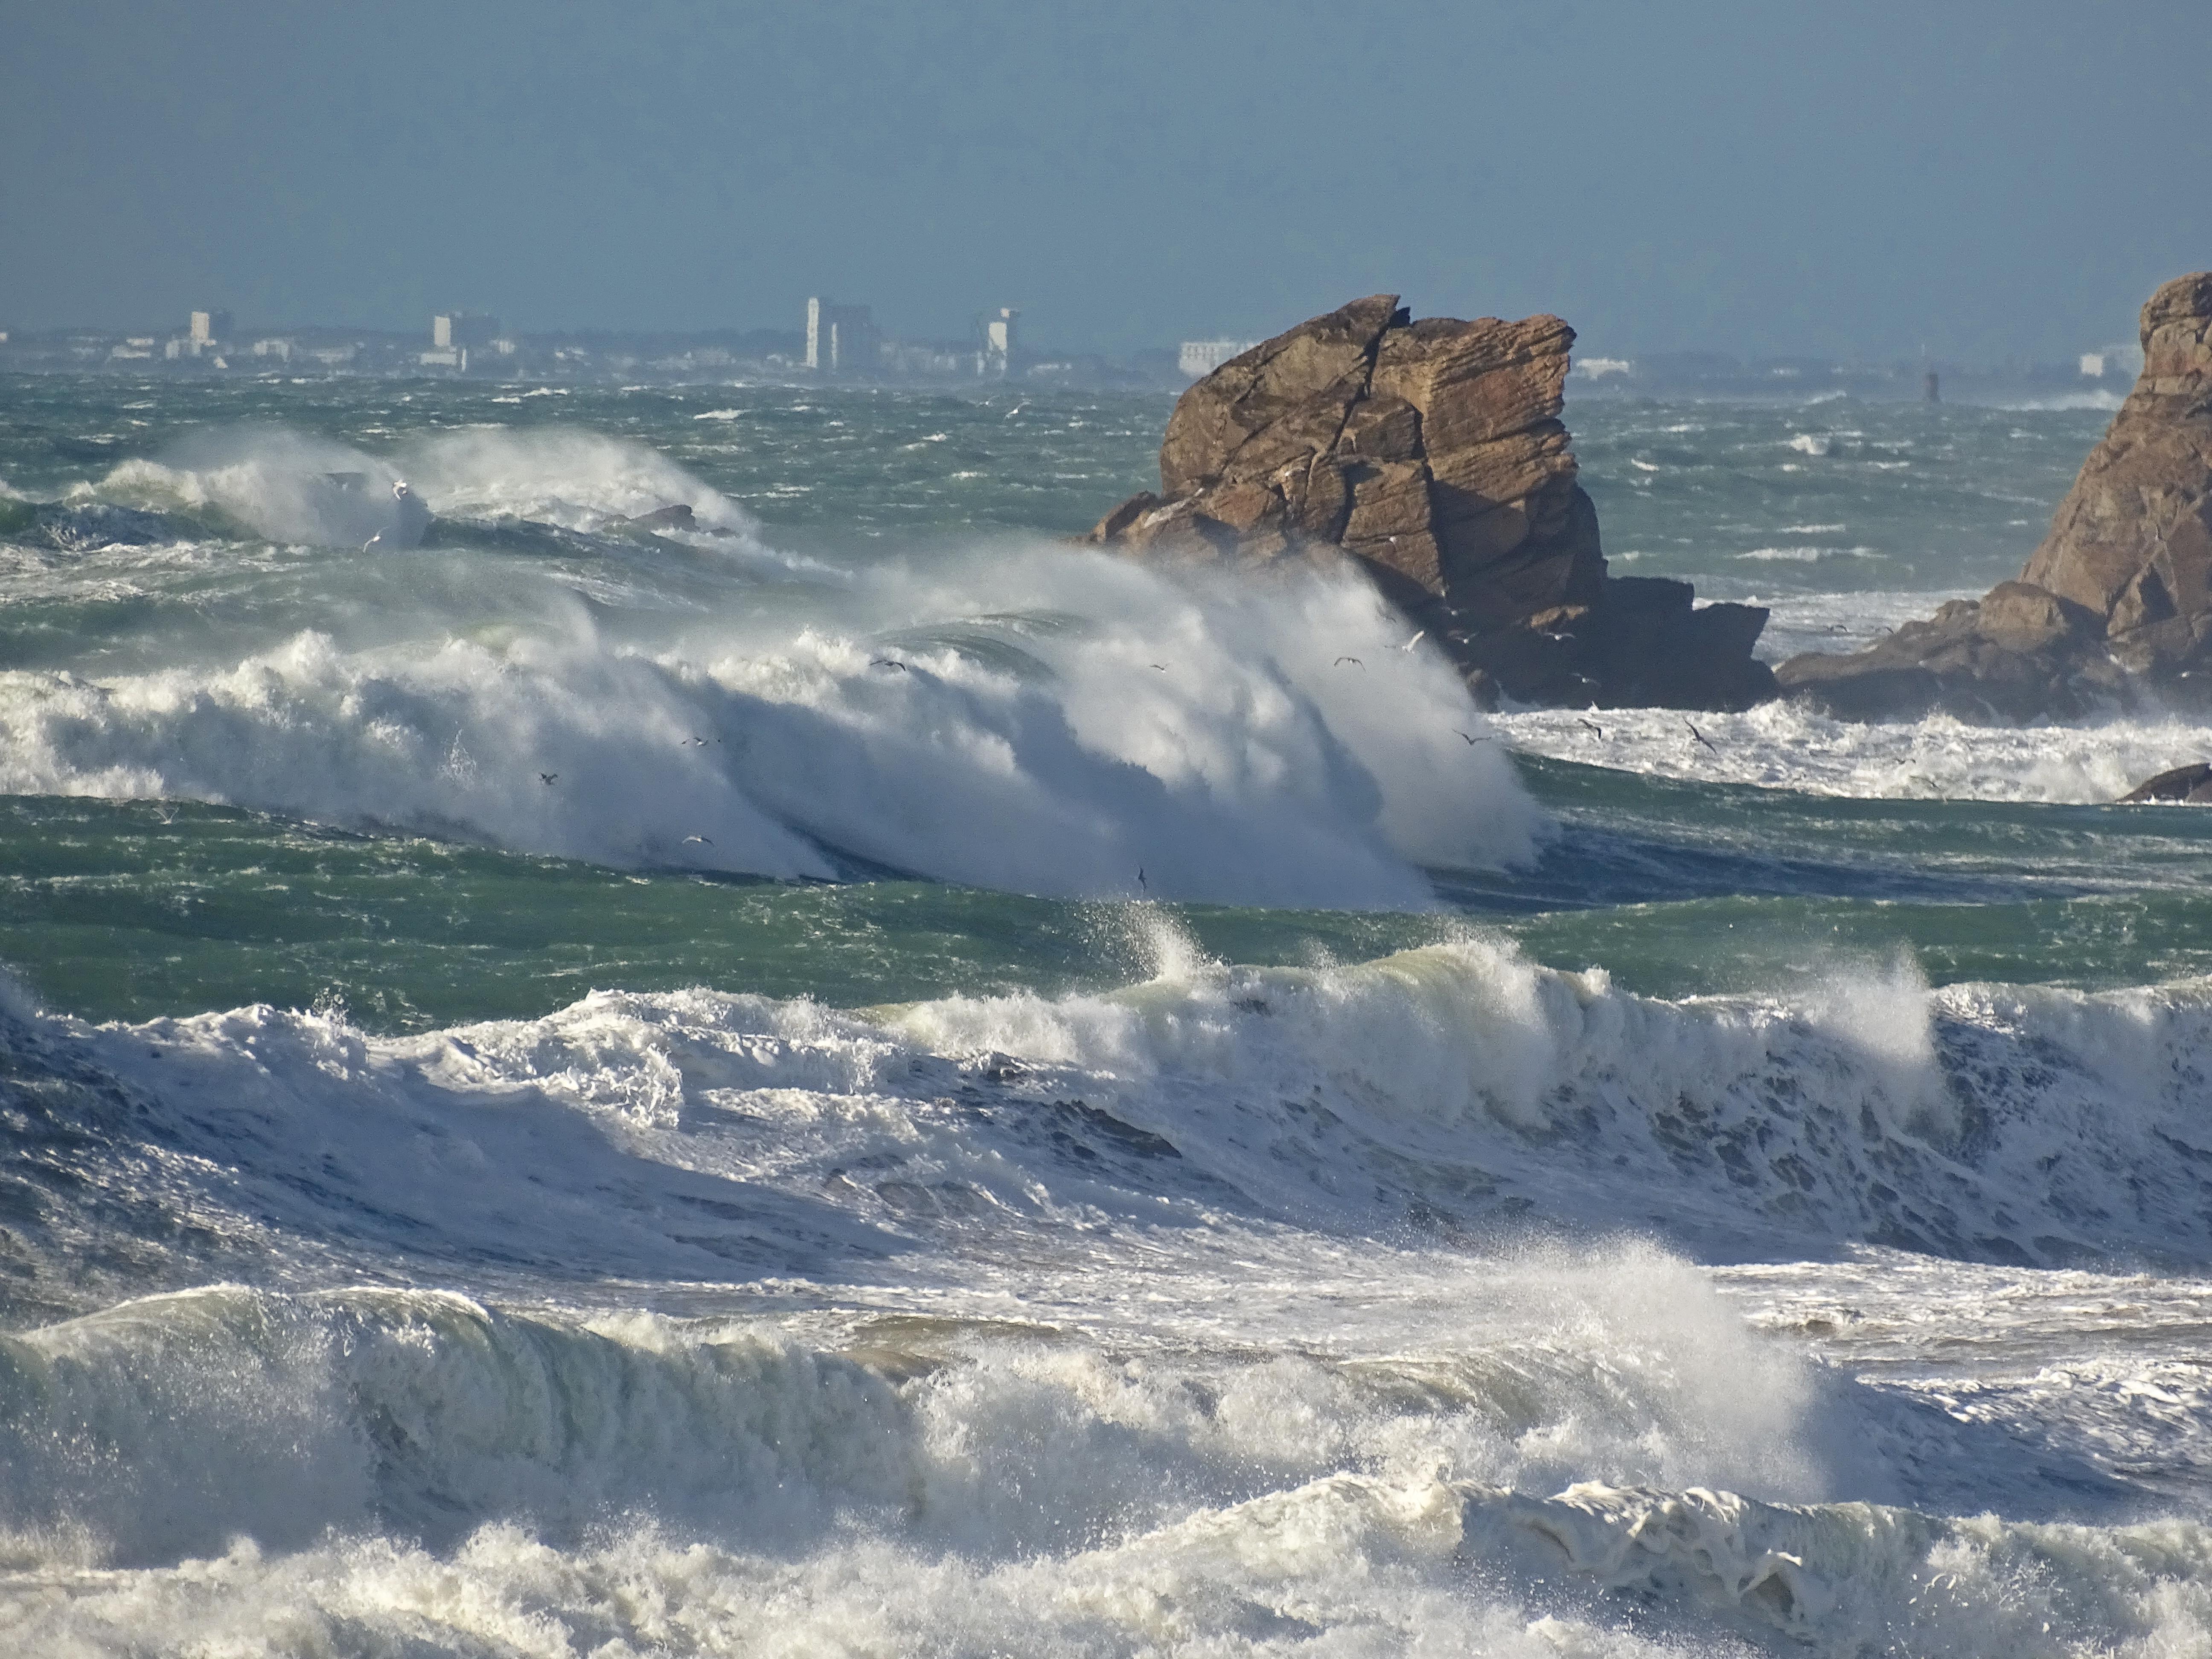 Fond d'écran : France, Bretagne, Morbihan, armure, Mer, Vagues, Rochers, Tempête 5184x3888 ...